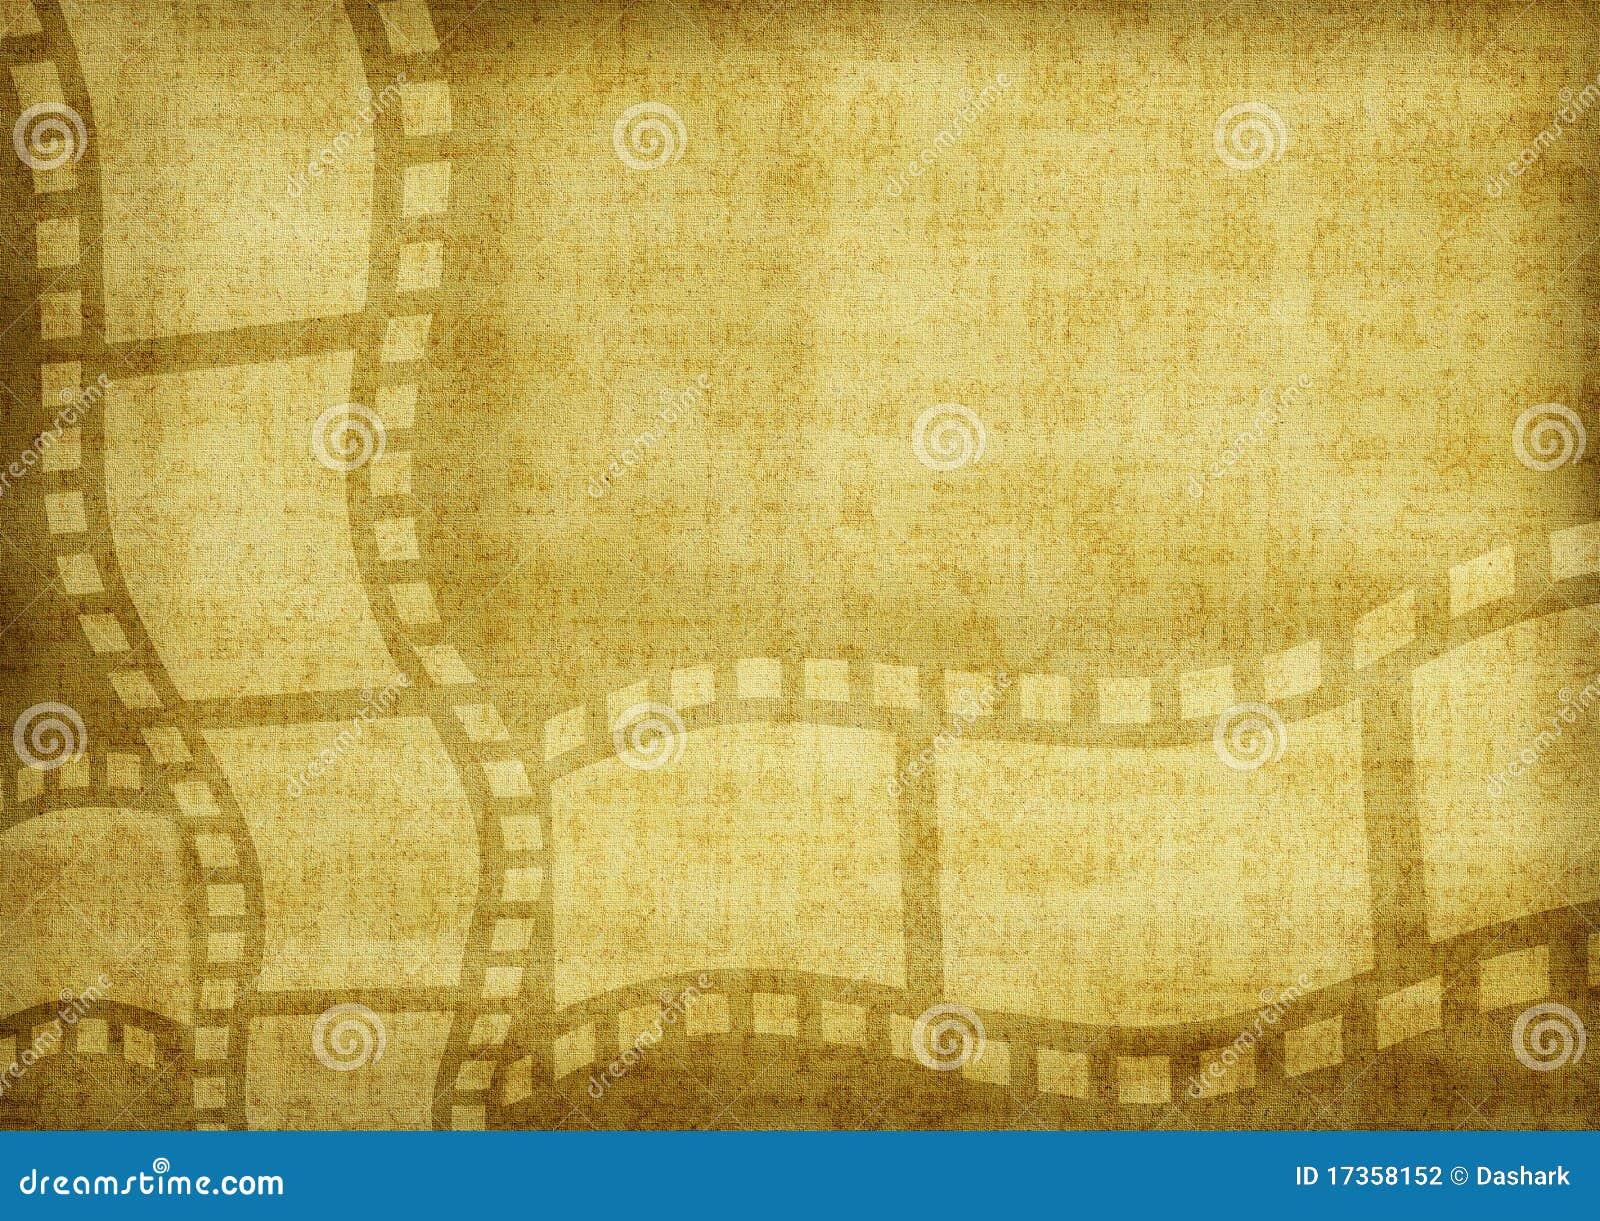 Grunge Cinema Background Stock Photography - Image: 17358152